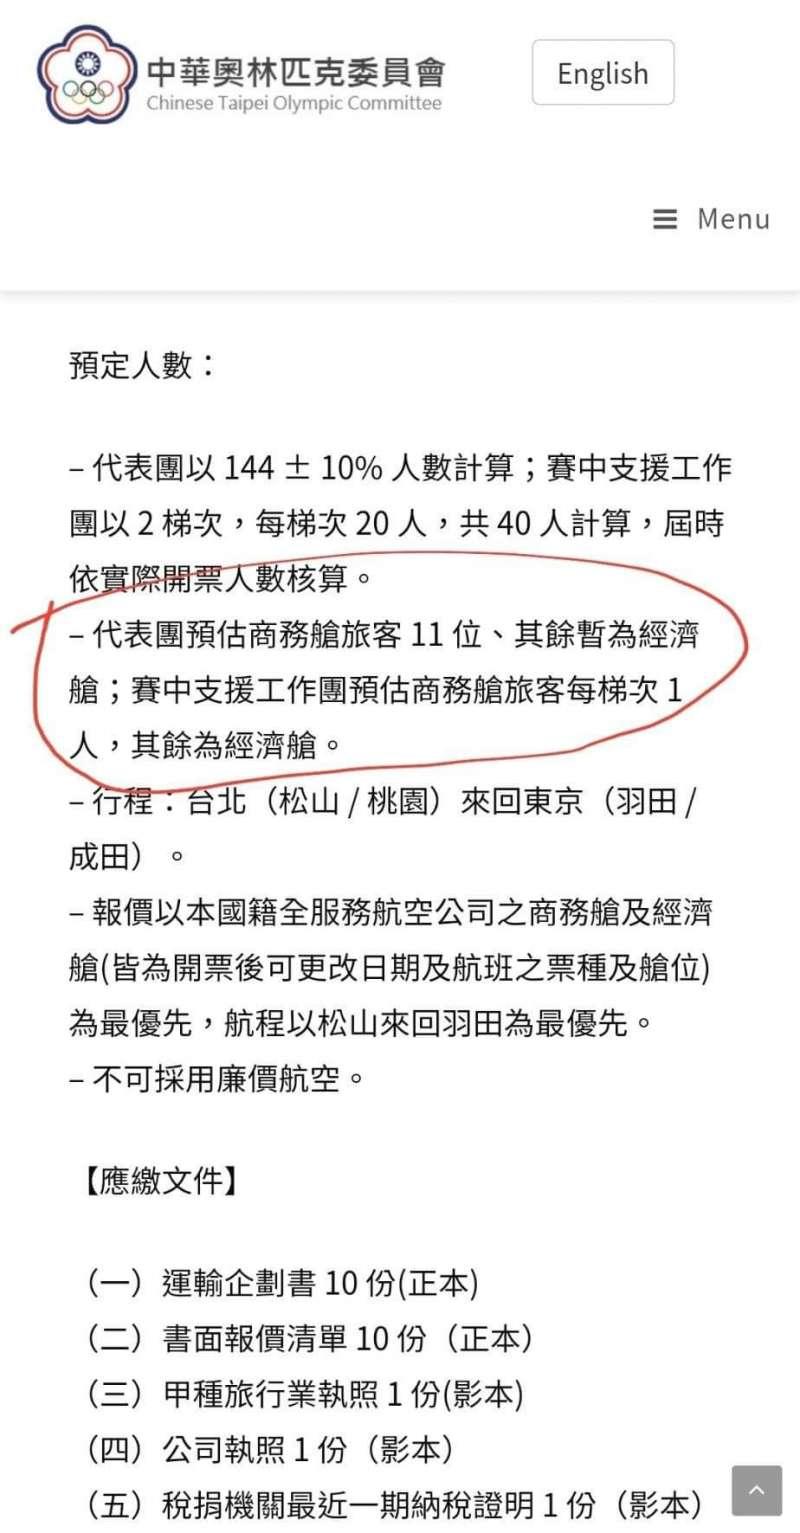 中華奧會東奧運輸服務招標文件。(取自錢震宇臉書)